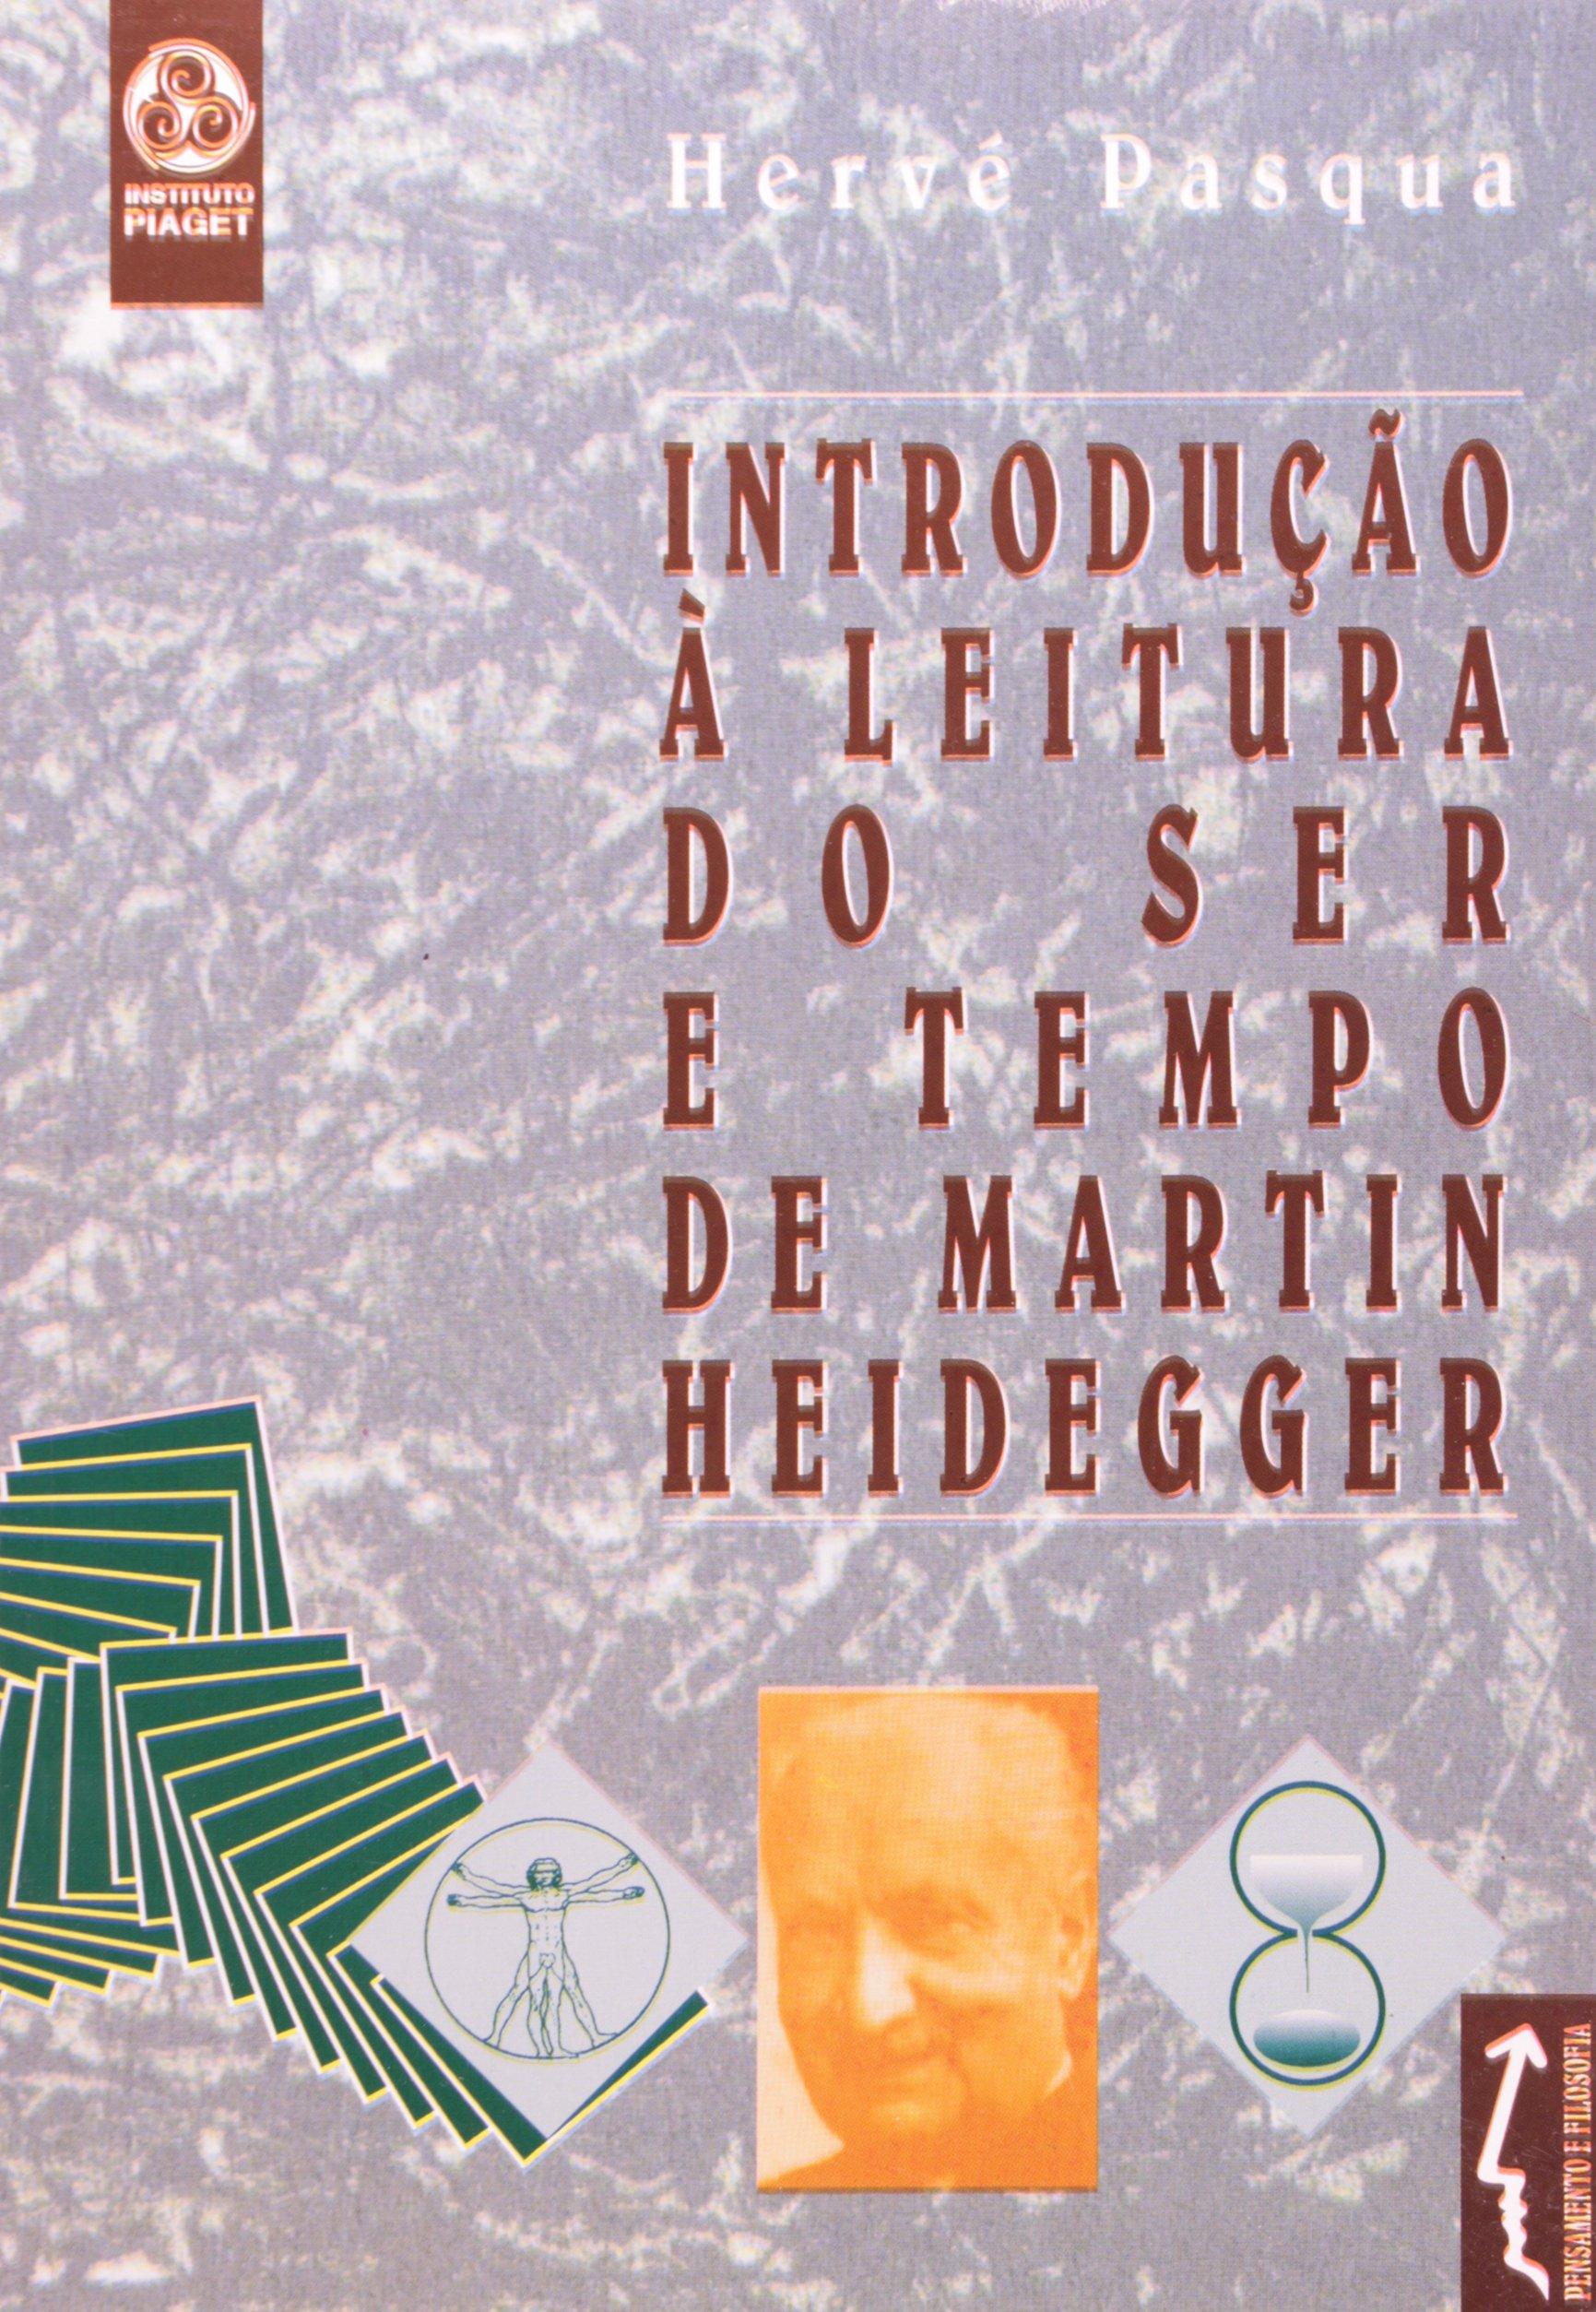 126d0b90410 Introdução a Leitura do Ser e Tempo de Martin Heidegger - 9789728407766 -  Livros na Amazon Brasil